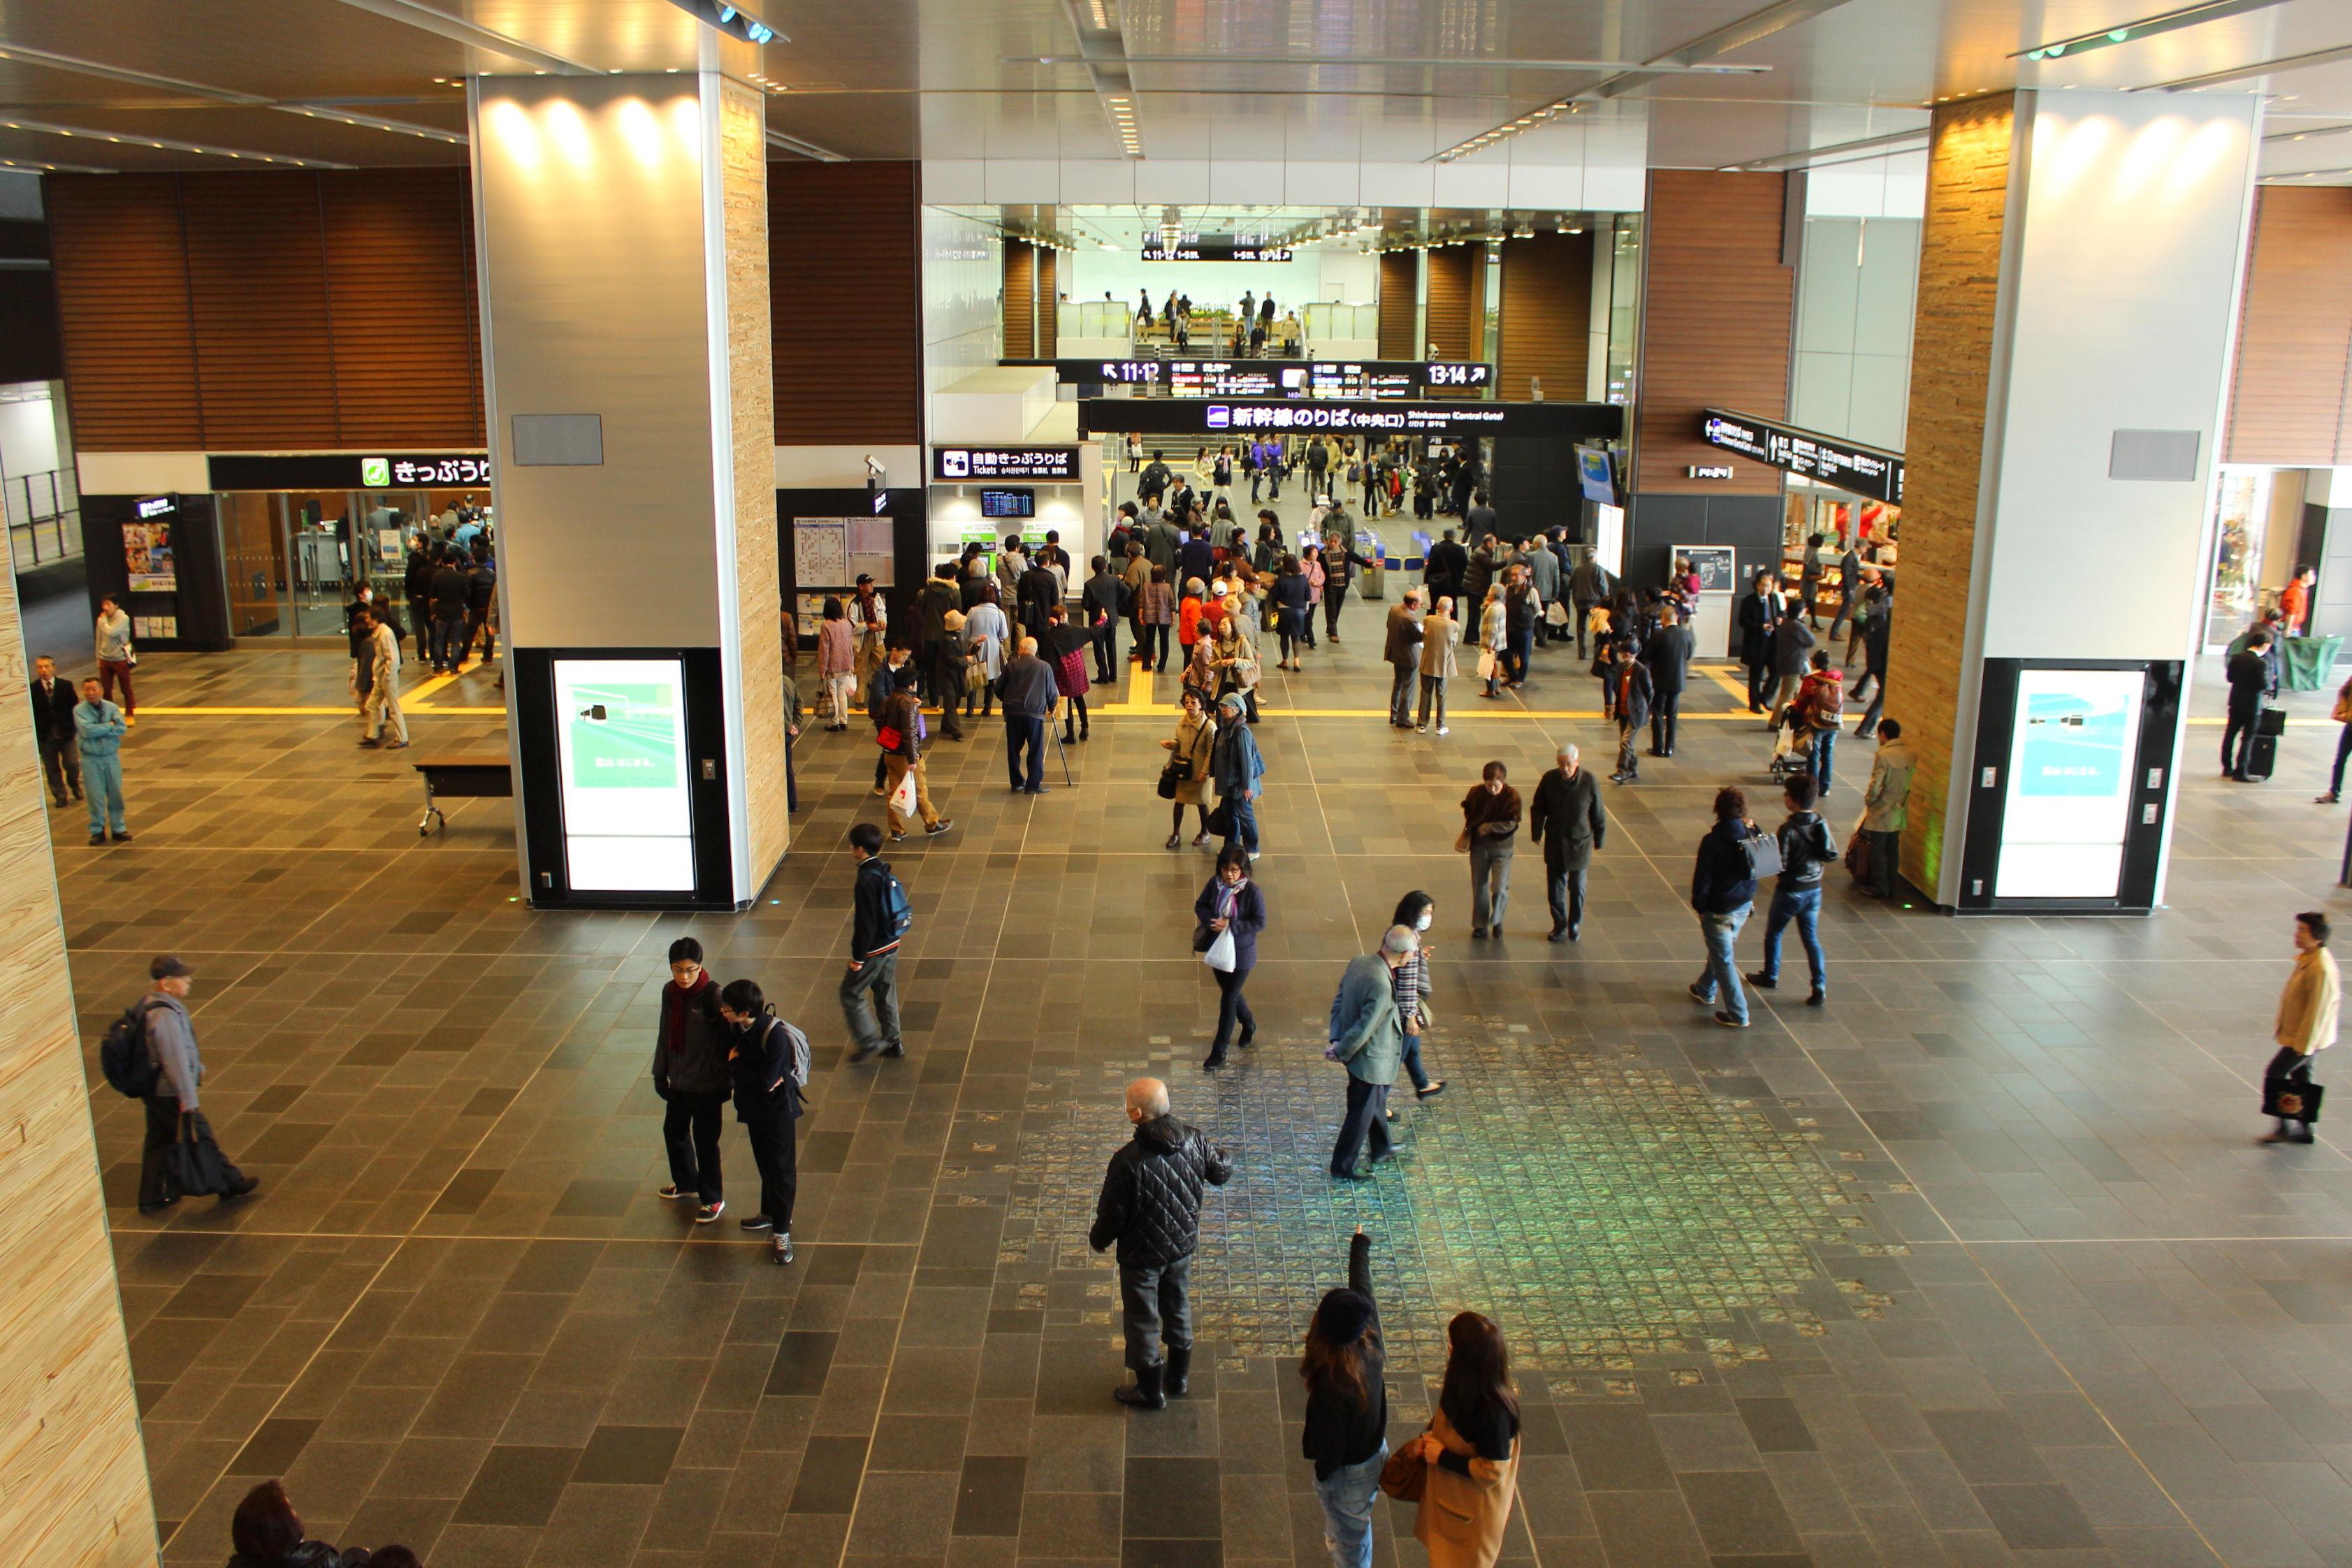 【富山駅前ホテル】駅周辺のアクセス便利な宿泊施設ランキングまとめ